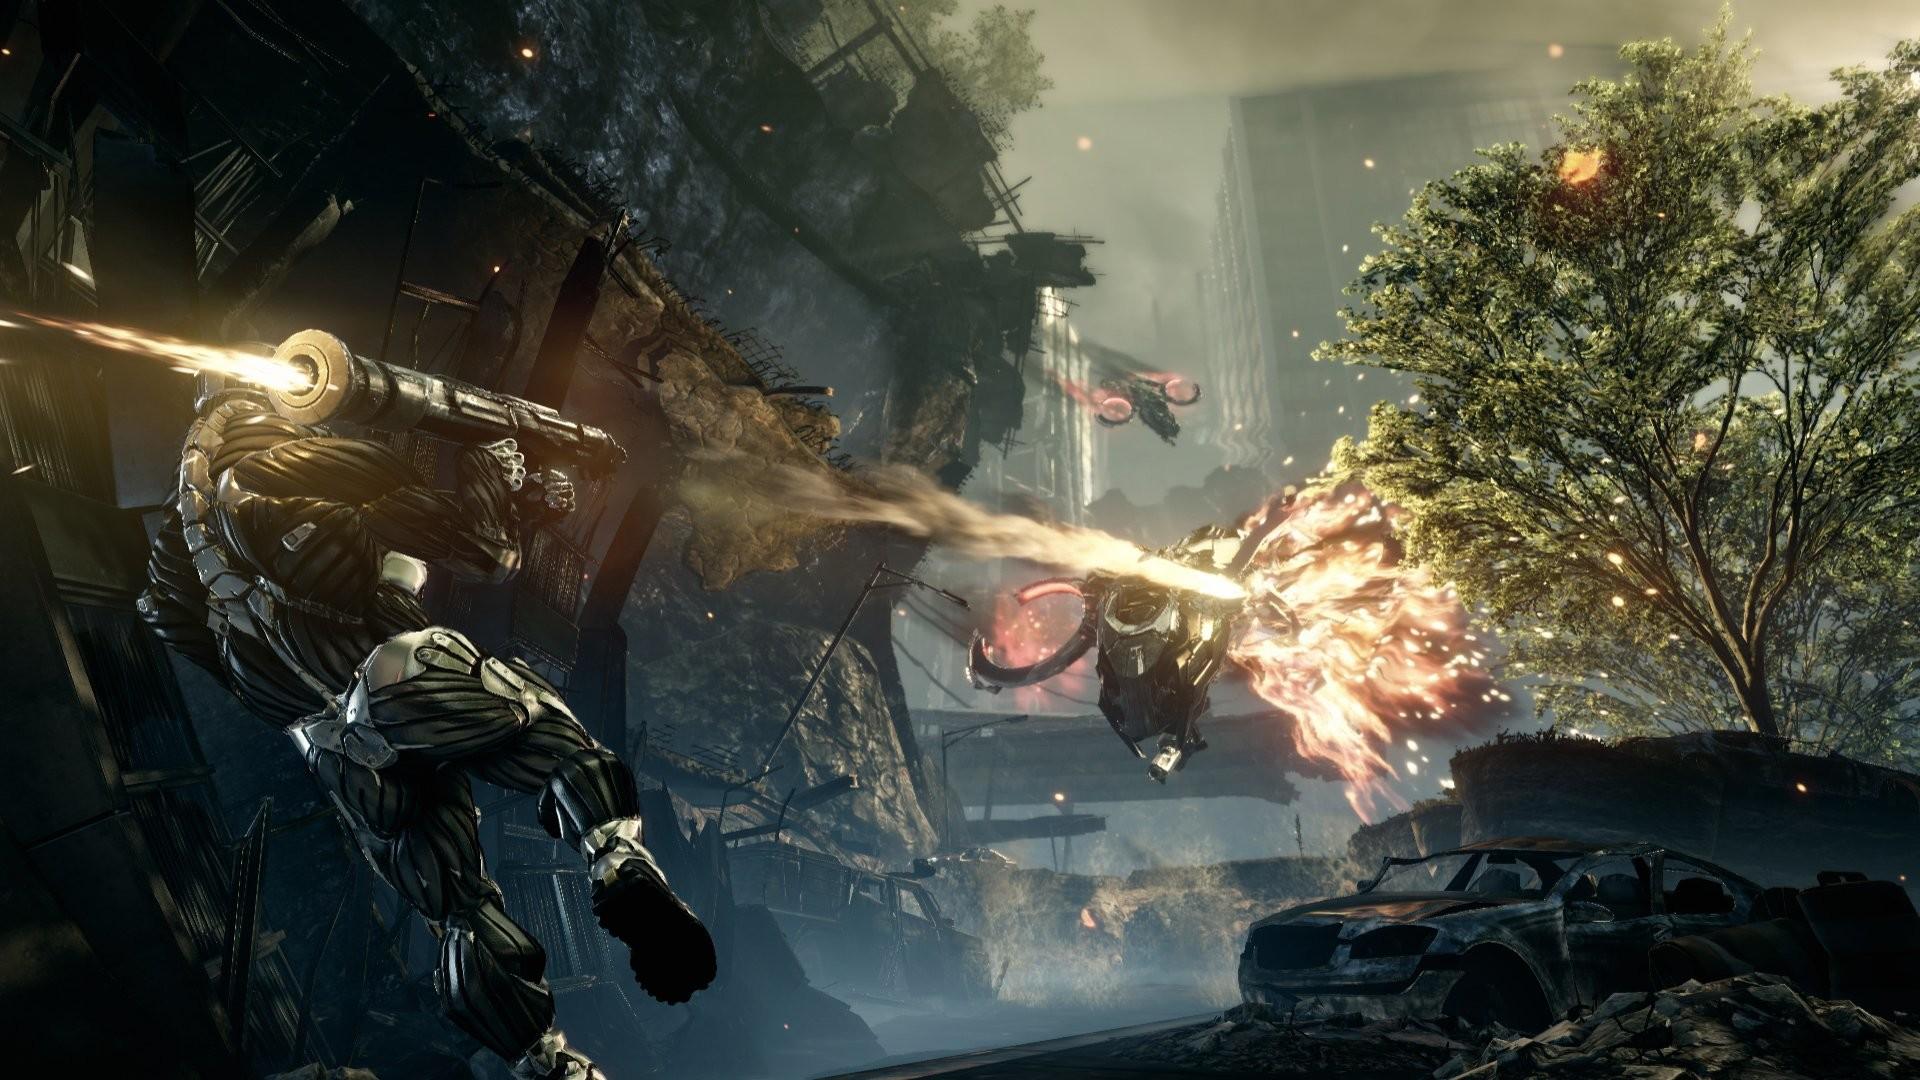 Res: 1920x1080, Video Game - Crysis 2 Crysis Crysis 3 Nanosuit Weapon Game Battle Wallpaper